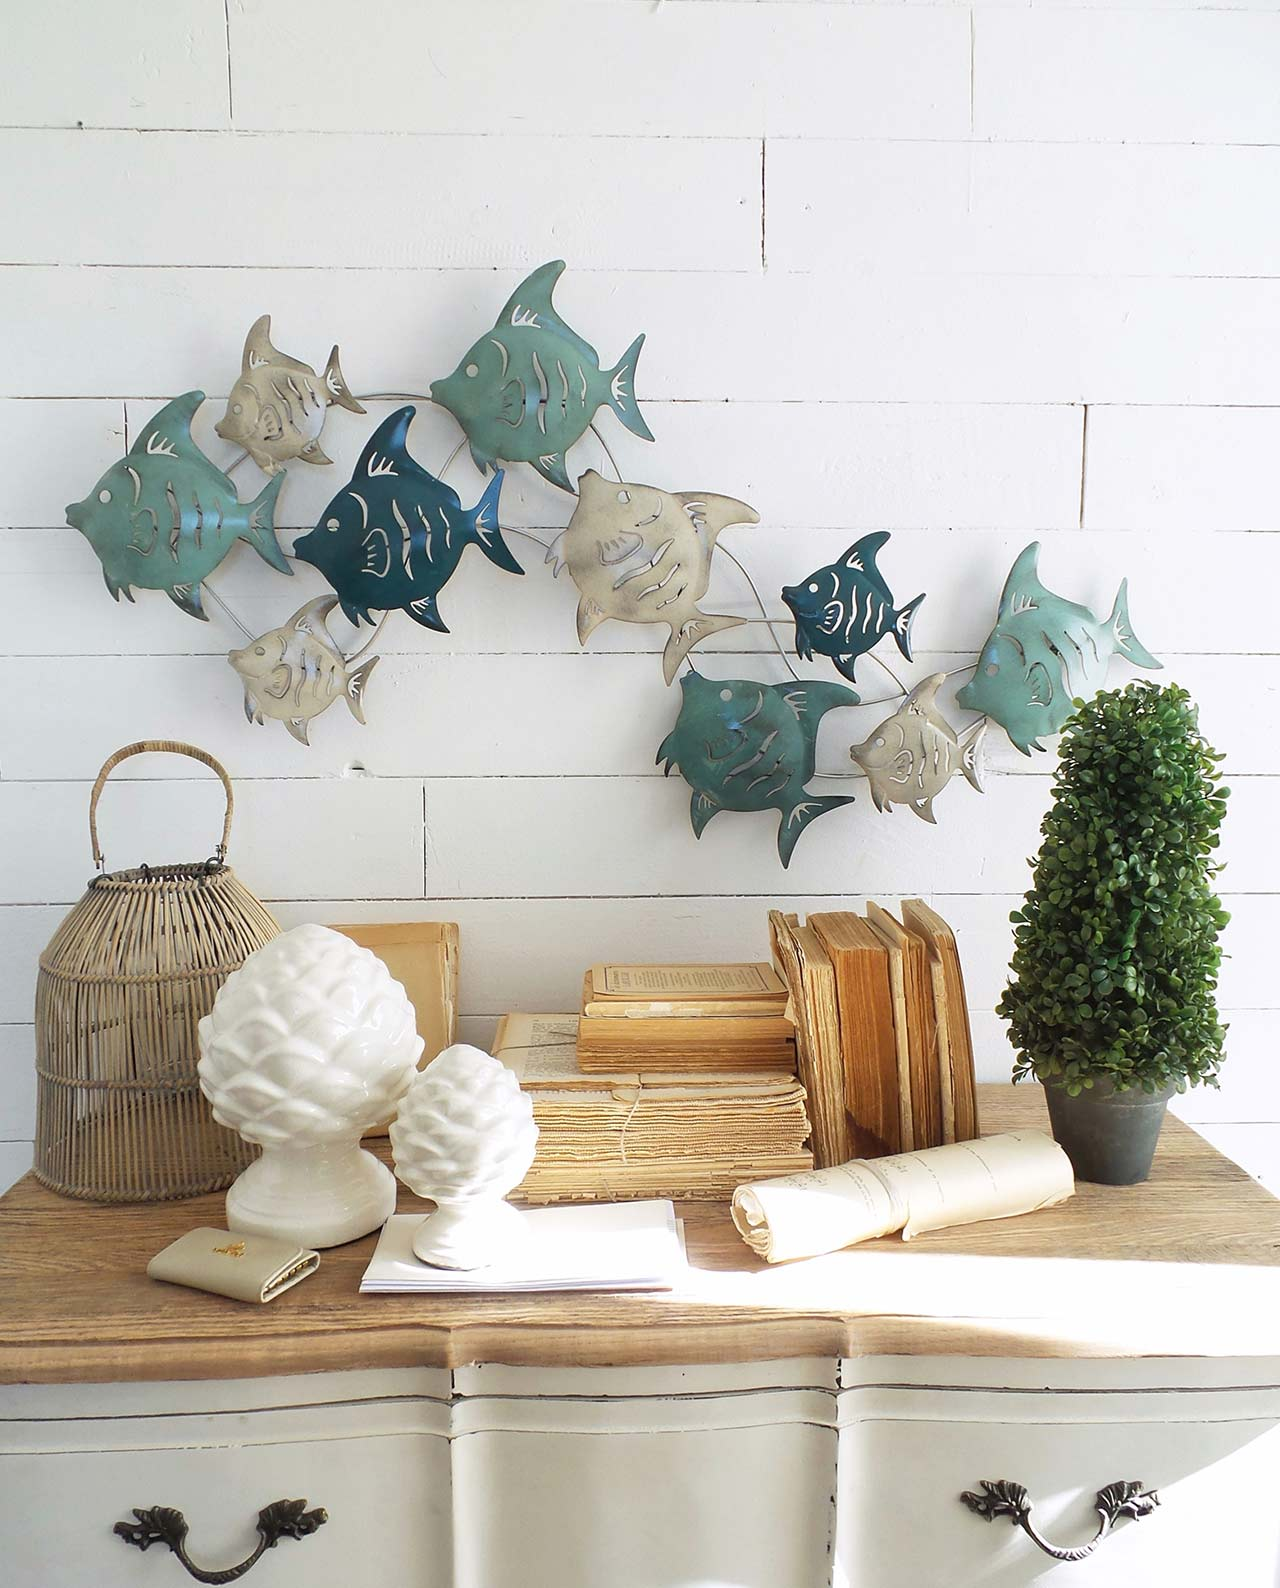 Pannello decorativo in metallo con pesci mobilia store - Pannello decorativo design ...